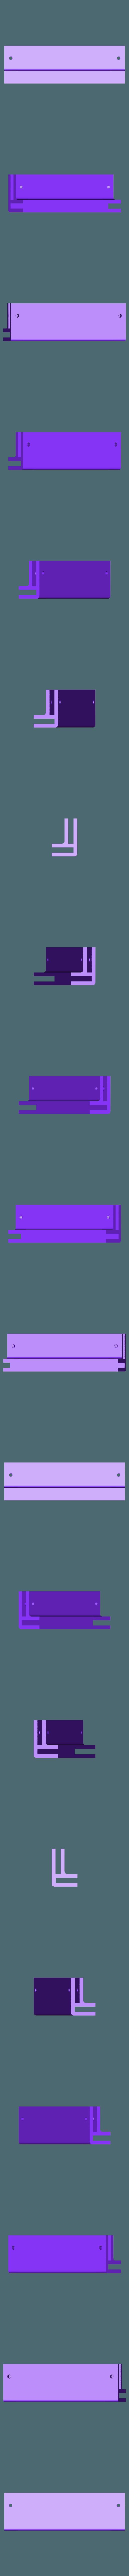 Top_edge_half_short.stl Télécharger fichier STL gratuit Couvercle de bobine pour les enceintes avec des bidons déshydratants en option • Modèle à imprimer en 3D, gnattycole